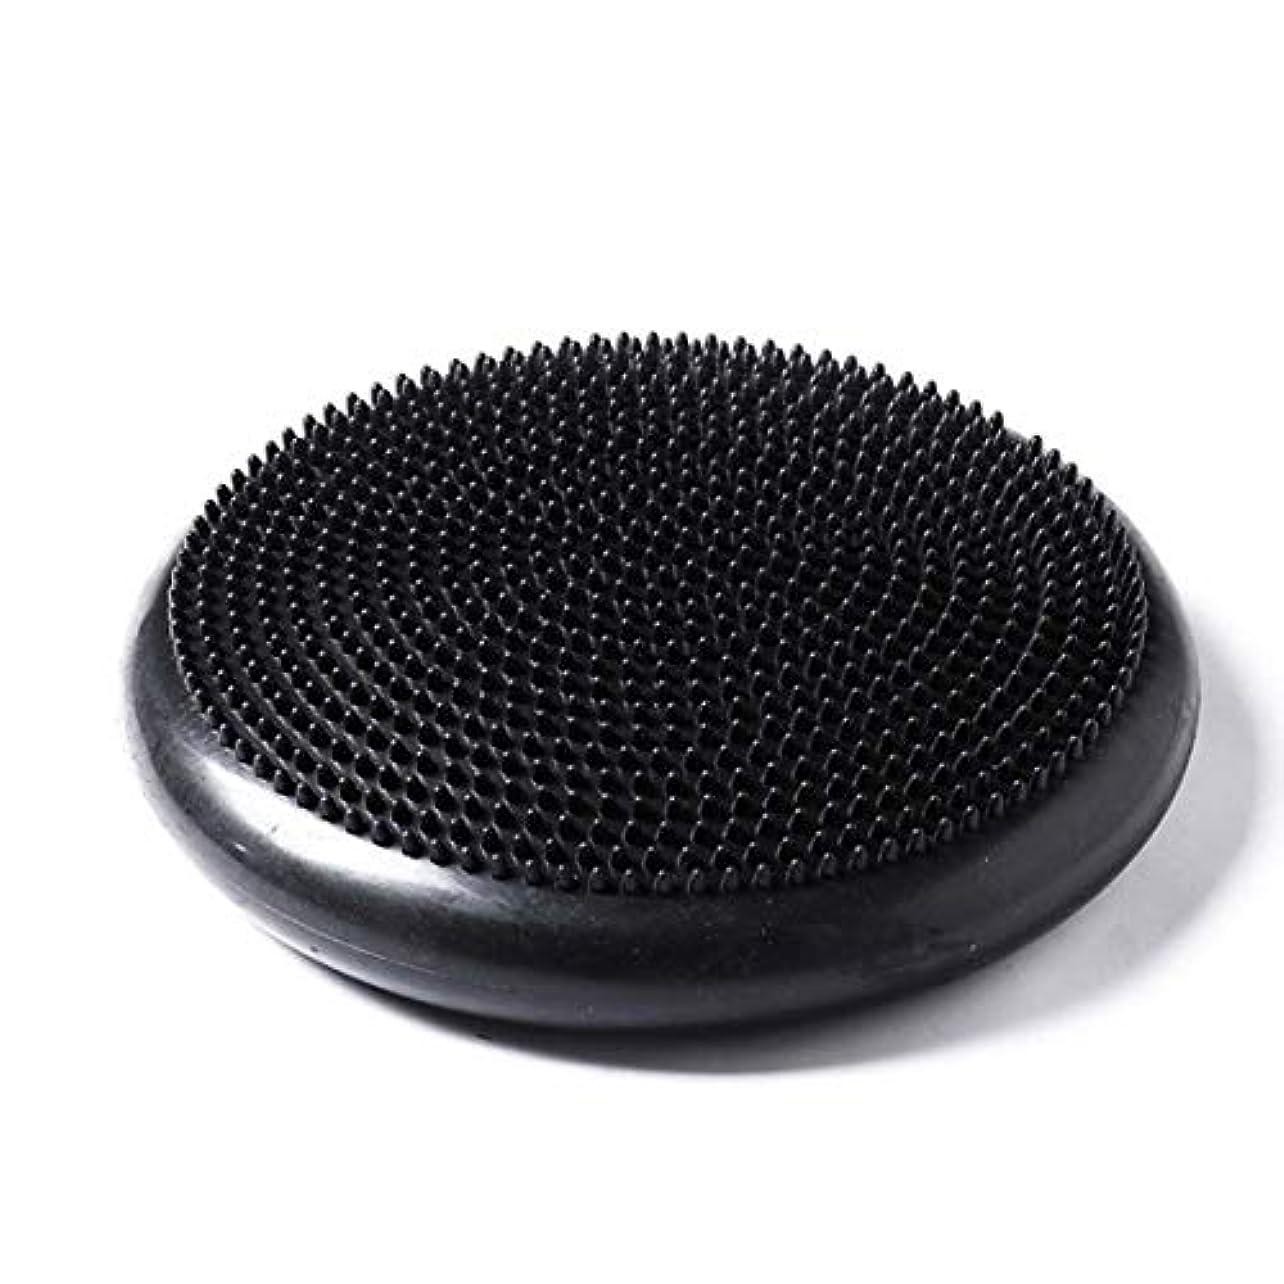 黒人面白い導入するポータブルサイズpvcボディエクササイズフィットネス安定性ディスクバランスヨガパッドウォブルクッション足首膝ボードポンプ付き(パープル)